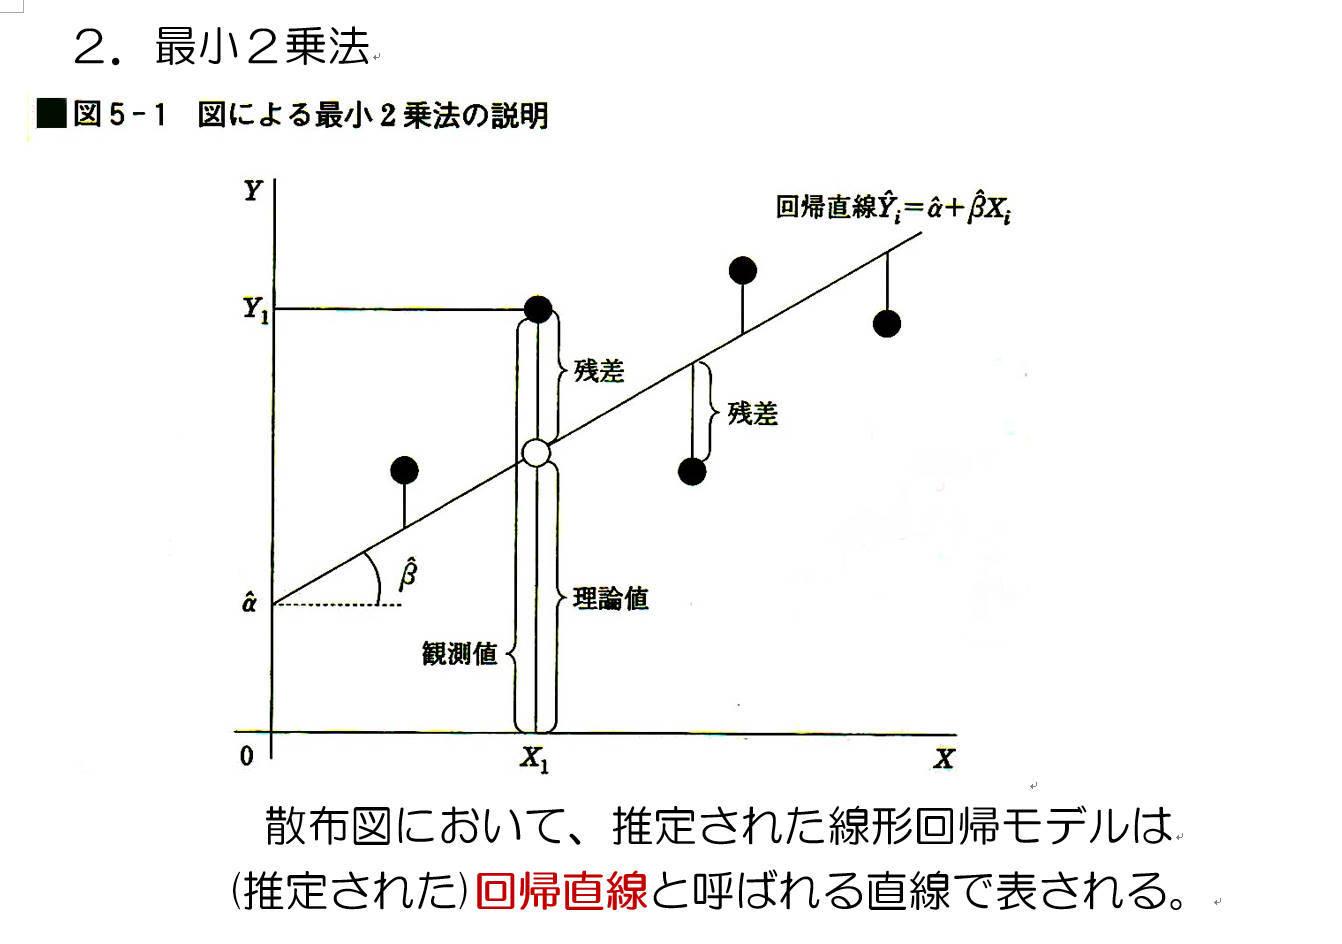 そして、回帰分析は4乗でも6乗でも、直線を求めることは可能ですが、残差の大きな値に引っ張られるので、一般的には2乗で計算します。また、残差の絶対値でも求める